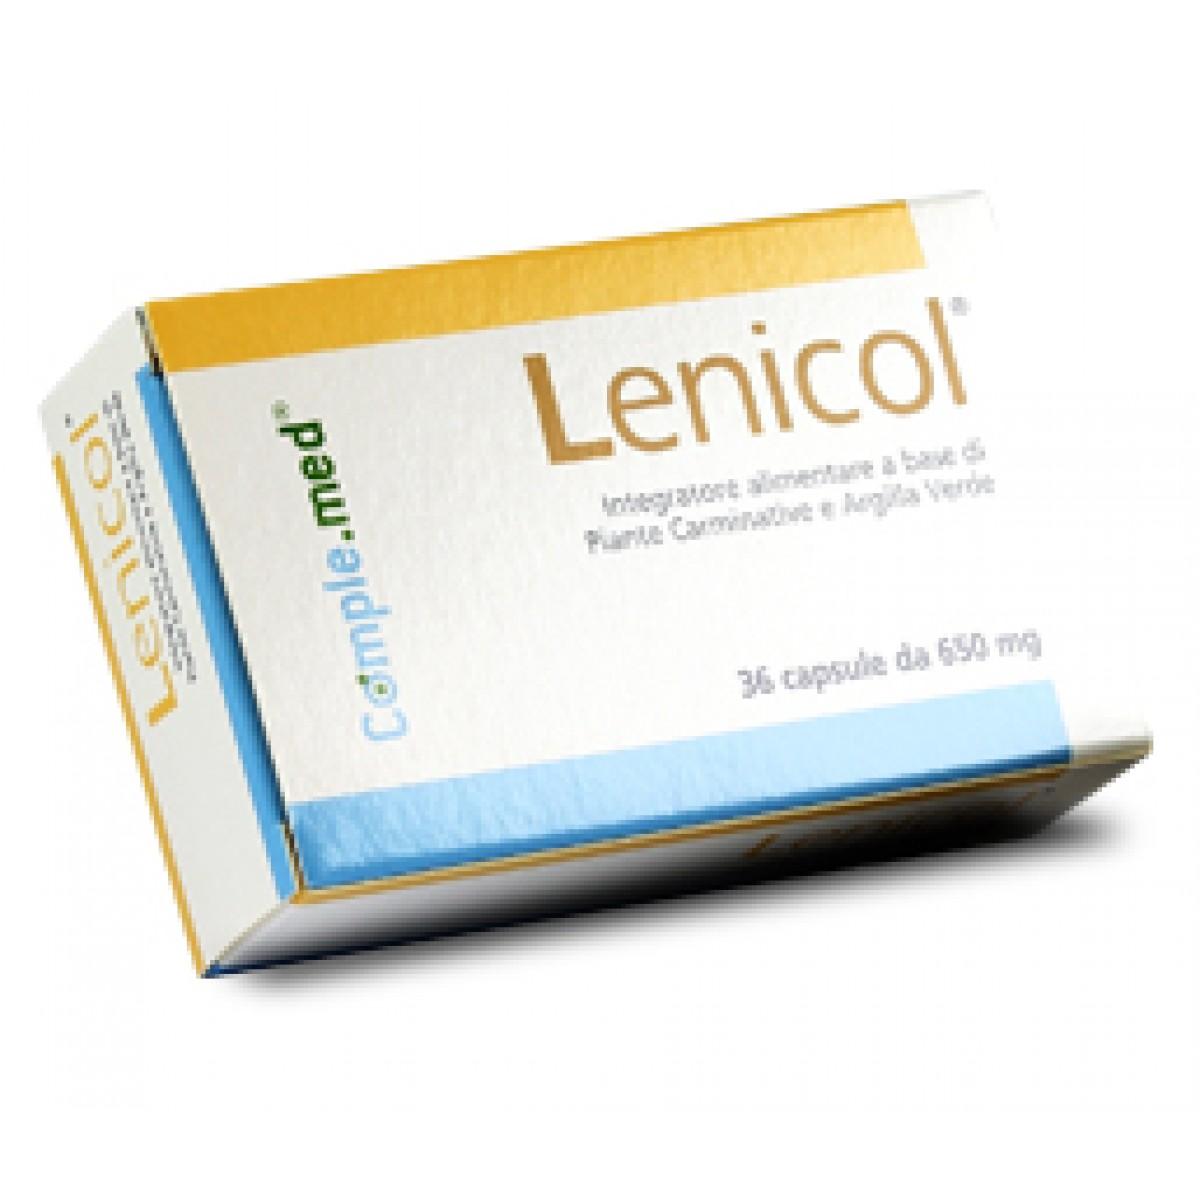 Image of Lenicol Integratore Alimentare 36 Capsule 935241253